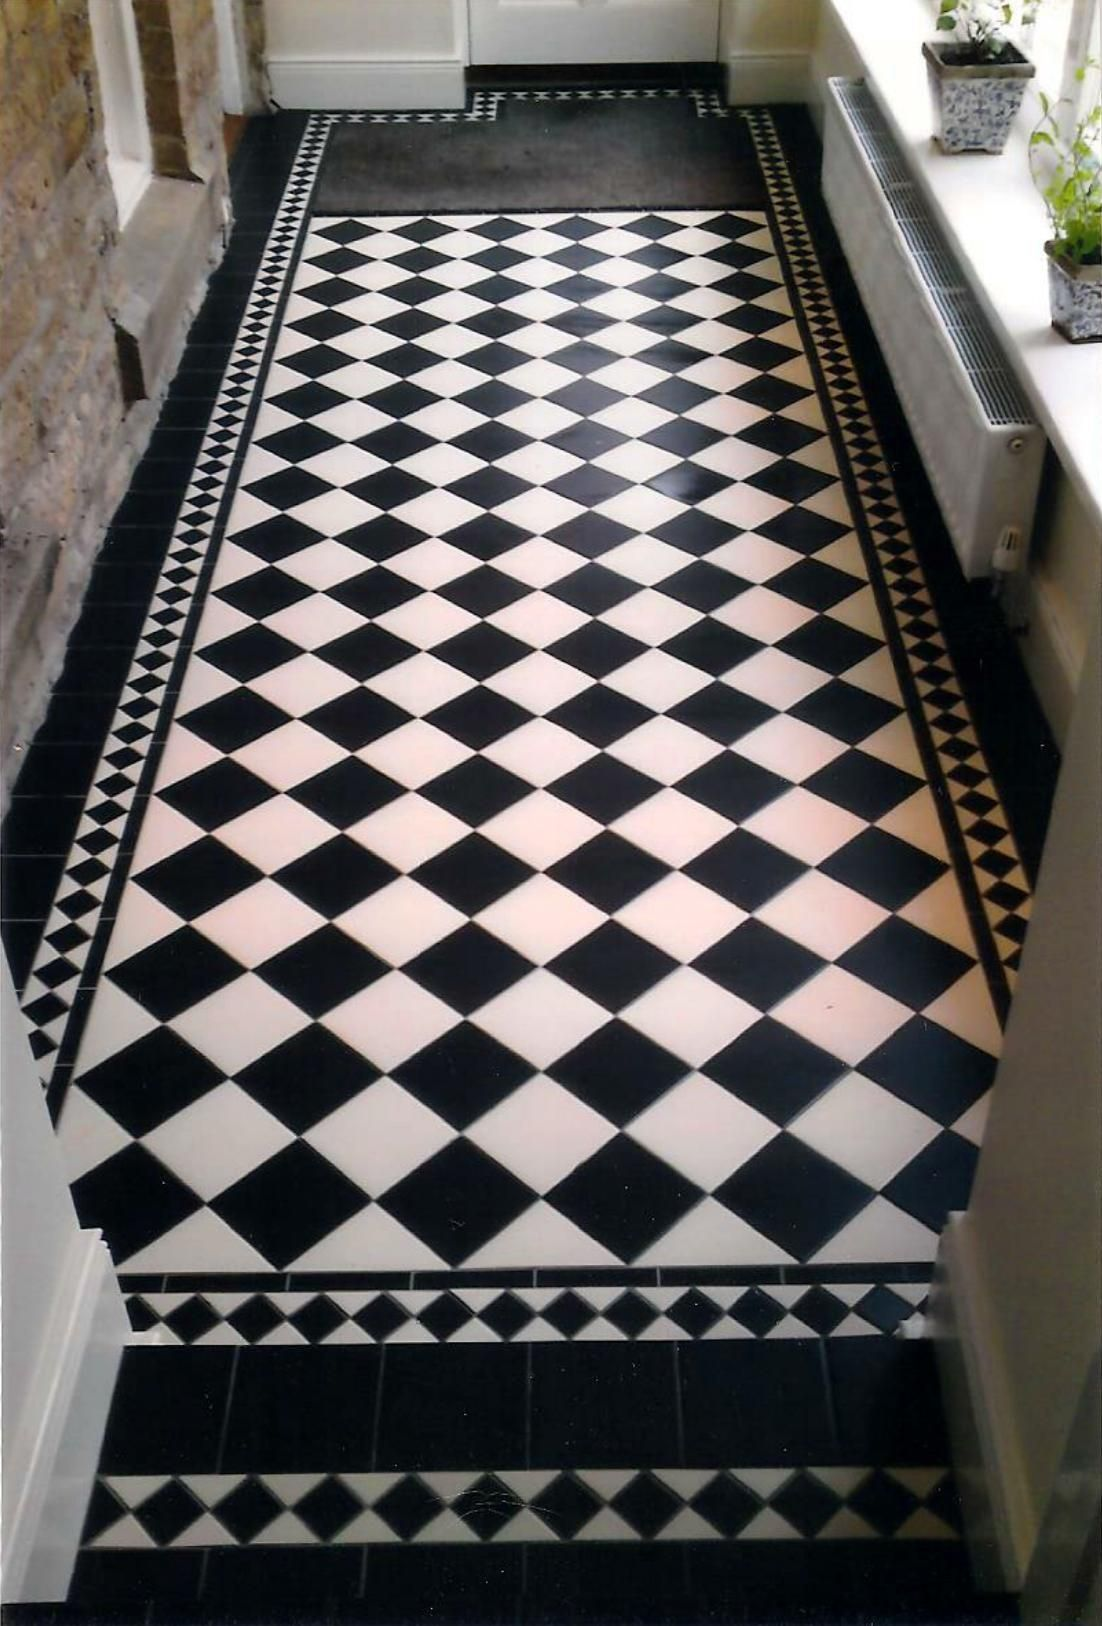 Tile Laminate Flooring White Tile Effect Laminate White Tile Floor Black And White Tiles Hallway Flooring